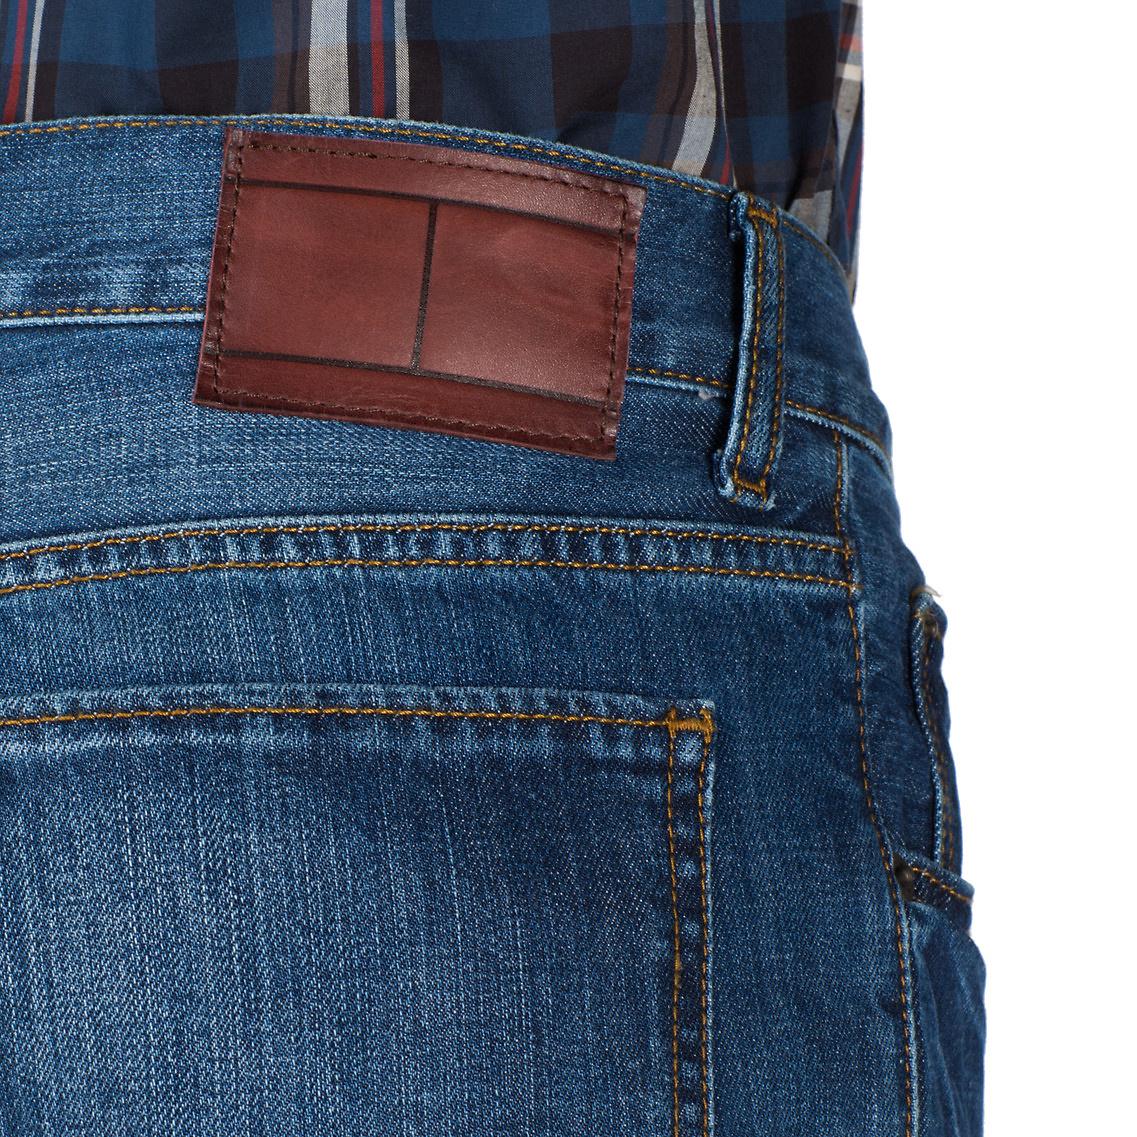 tommy hilfiger mercer regular fit jeans in blue for men lyst. Black Bedroom Furniture Sets. Home Design Ideas